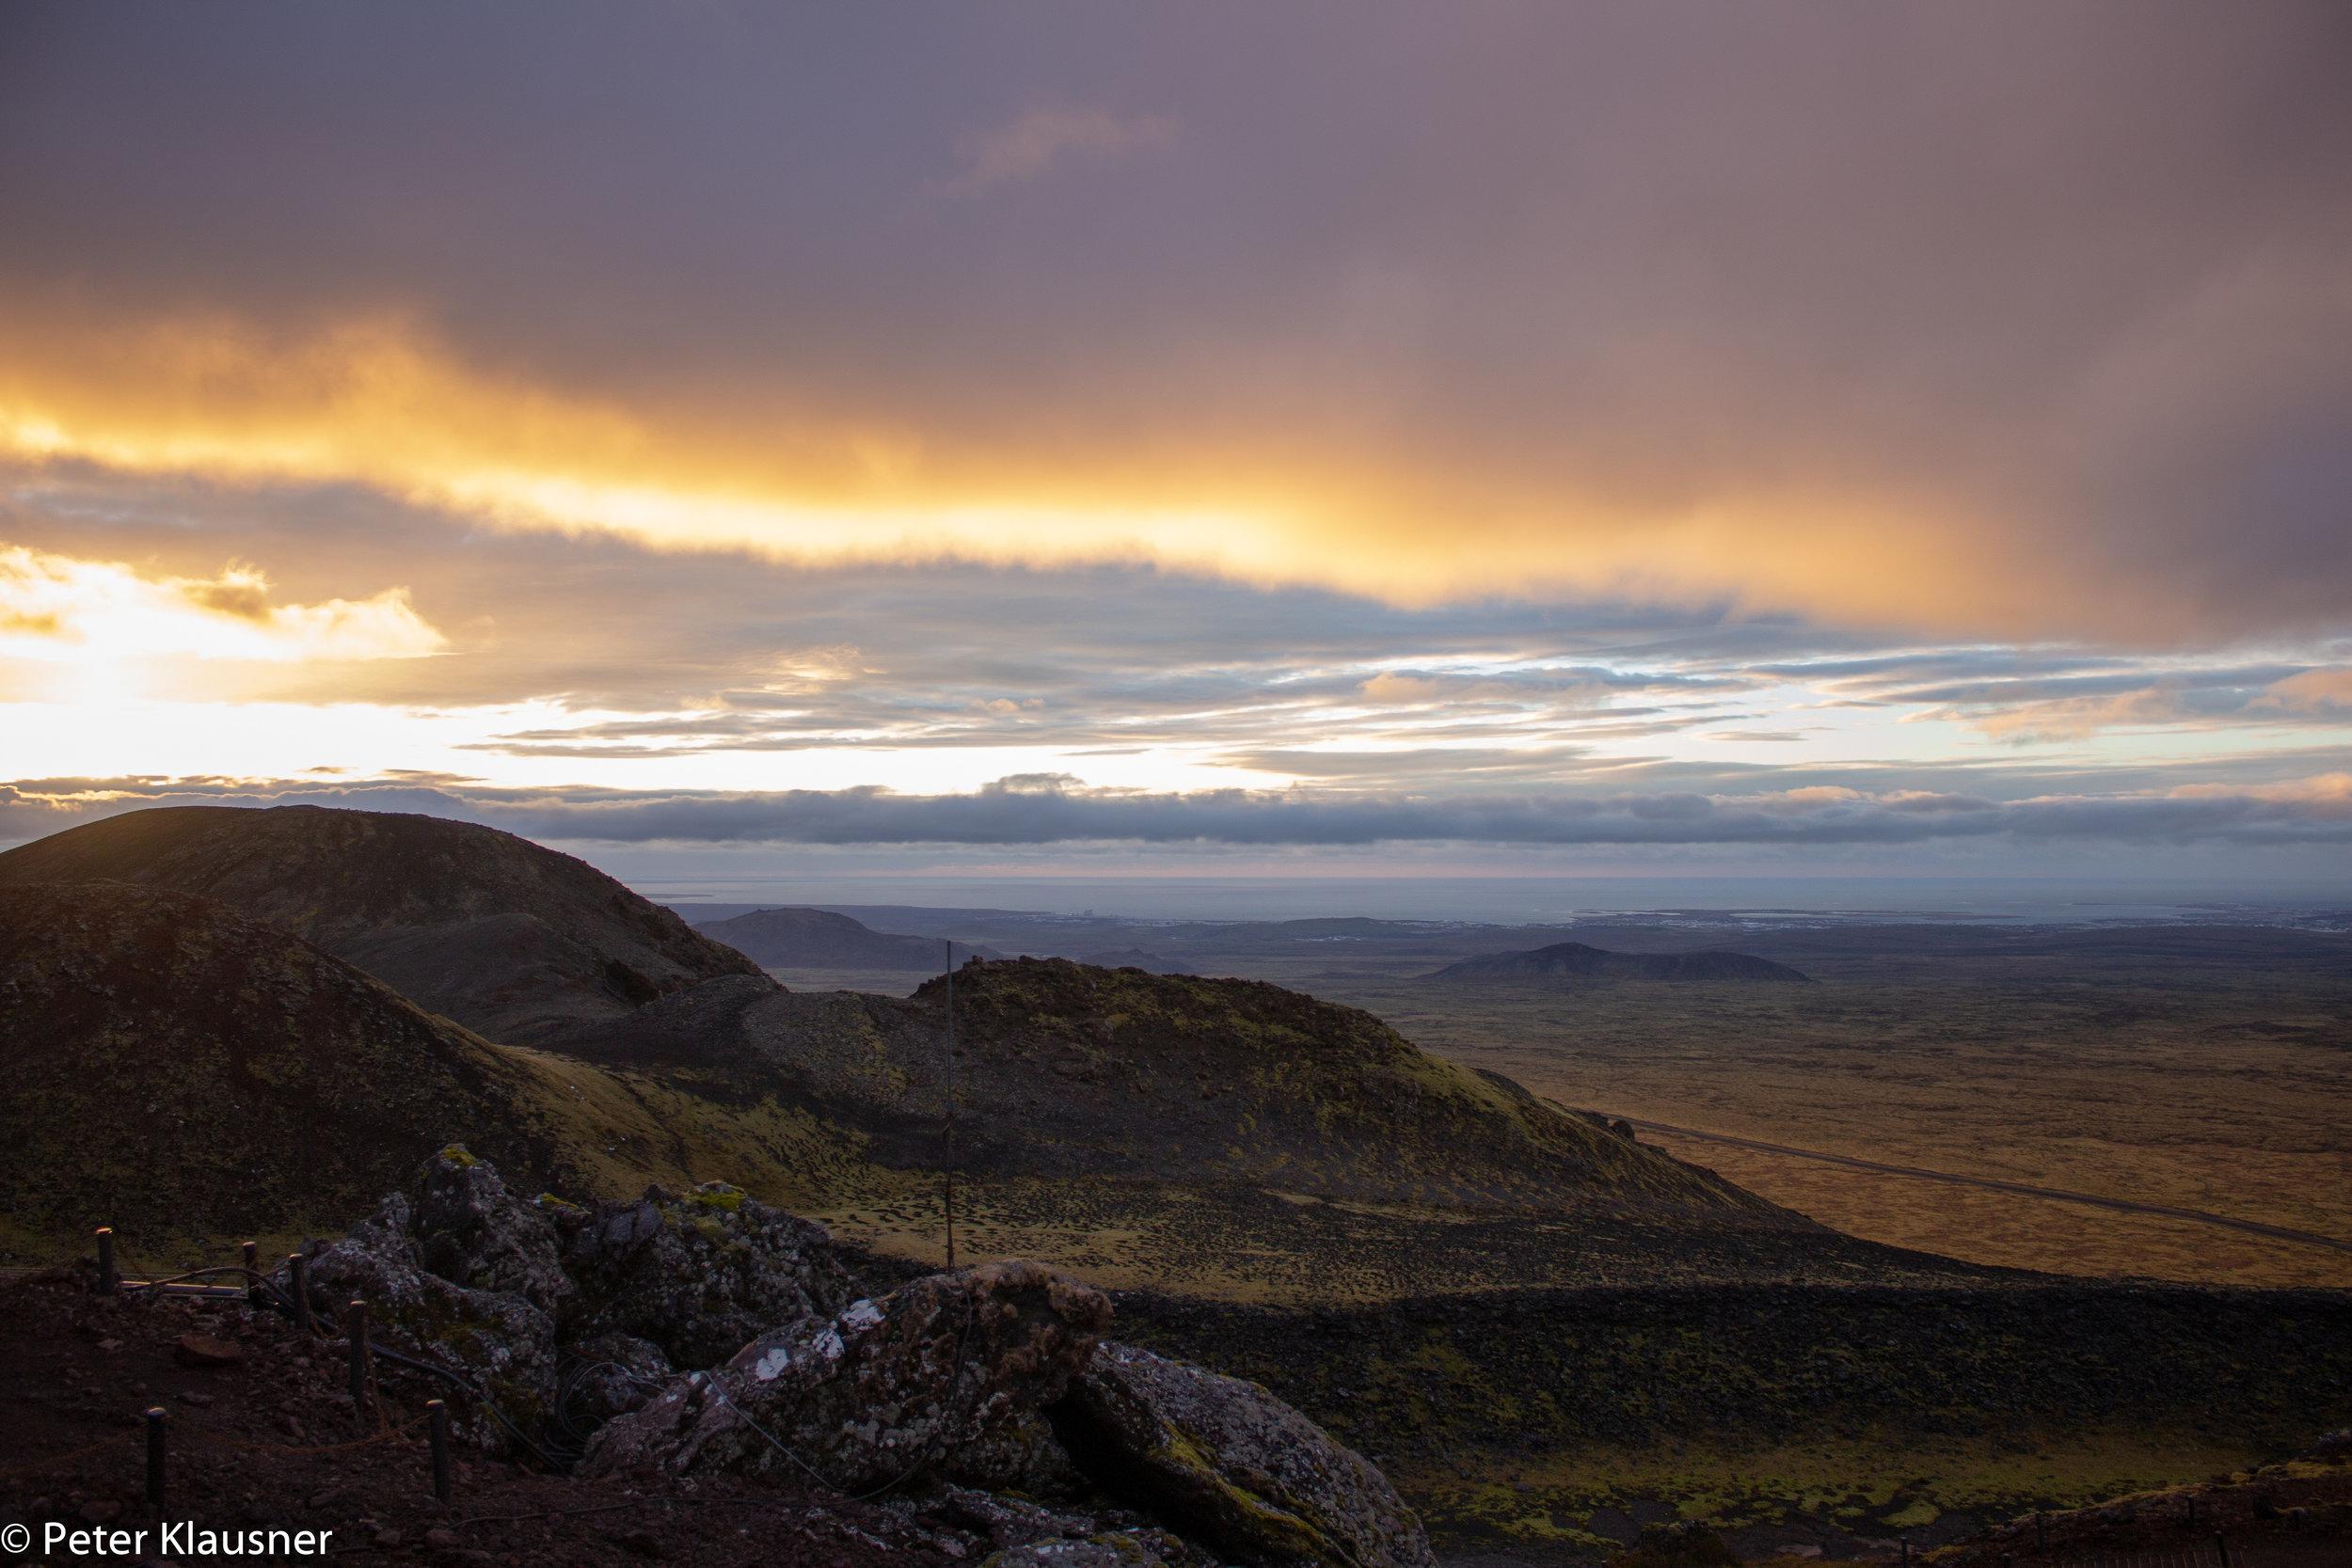 IcelandWebsite-13.jpg